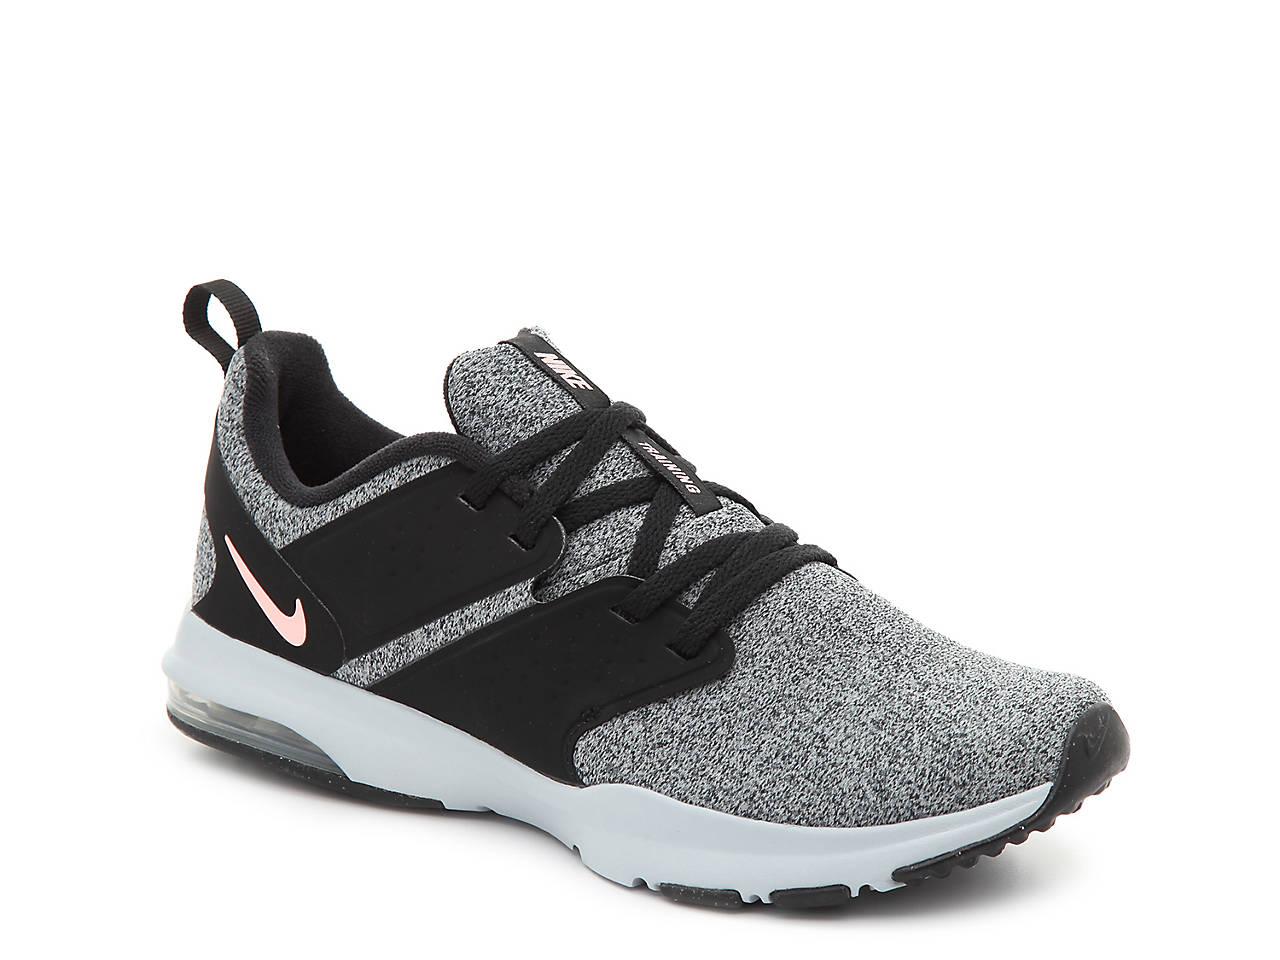 best service d12df 77953 Nike Air Bella Lightweight Training Shoe - Womens Womens Sho